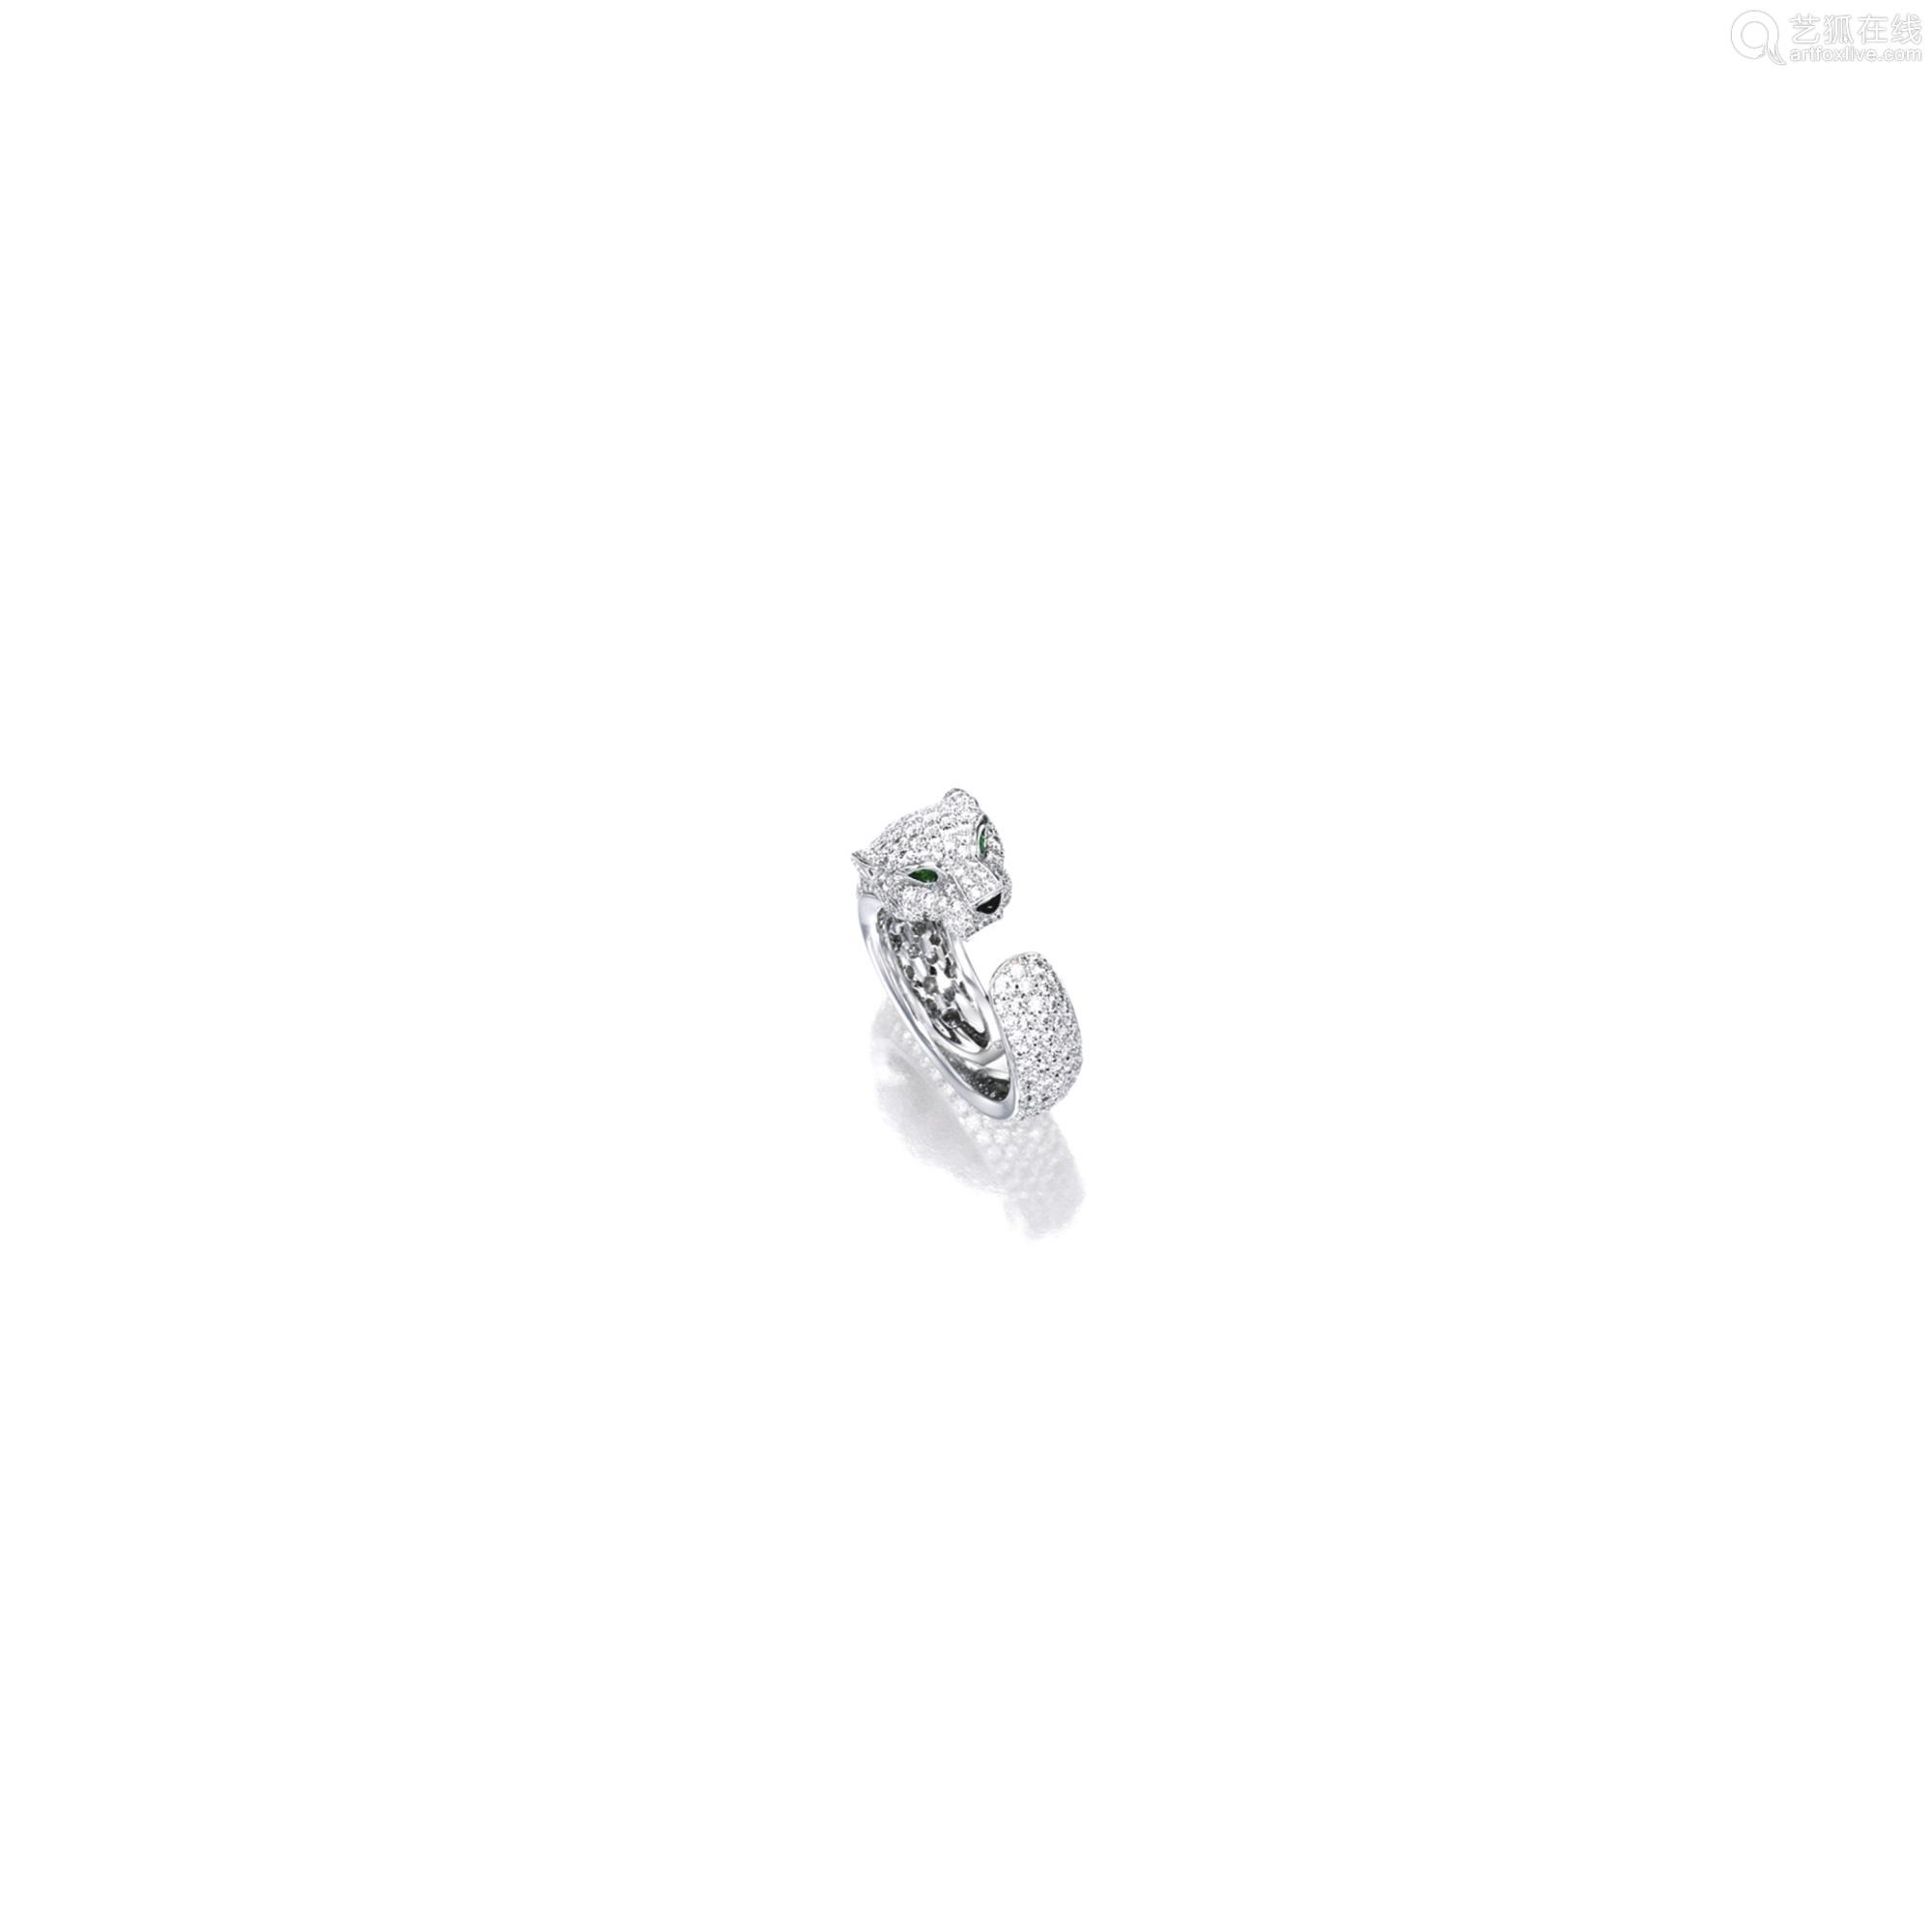 钻石配祖母绿及缟玛瑙「豹」戒指 卡地亚(Cartier)